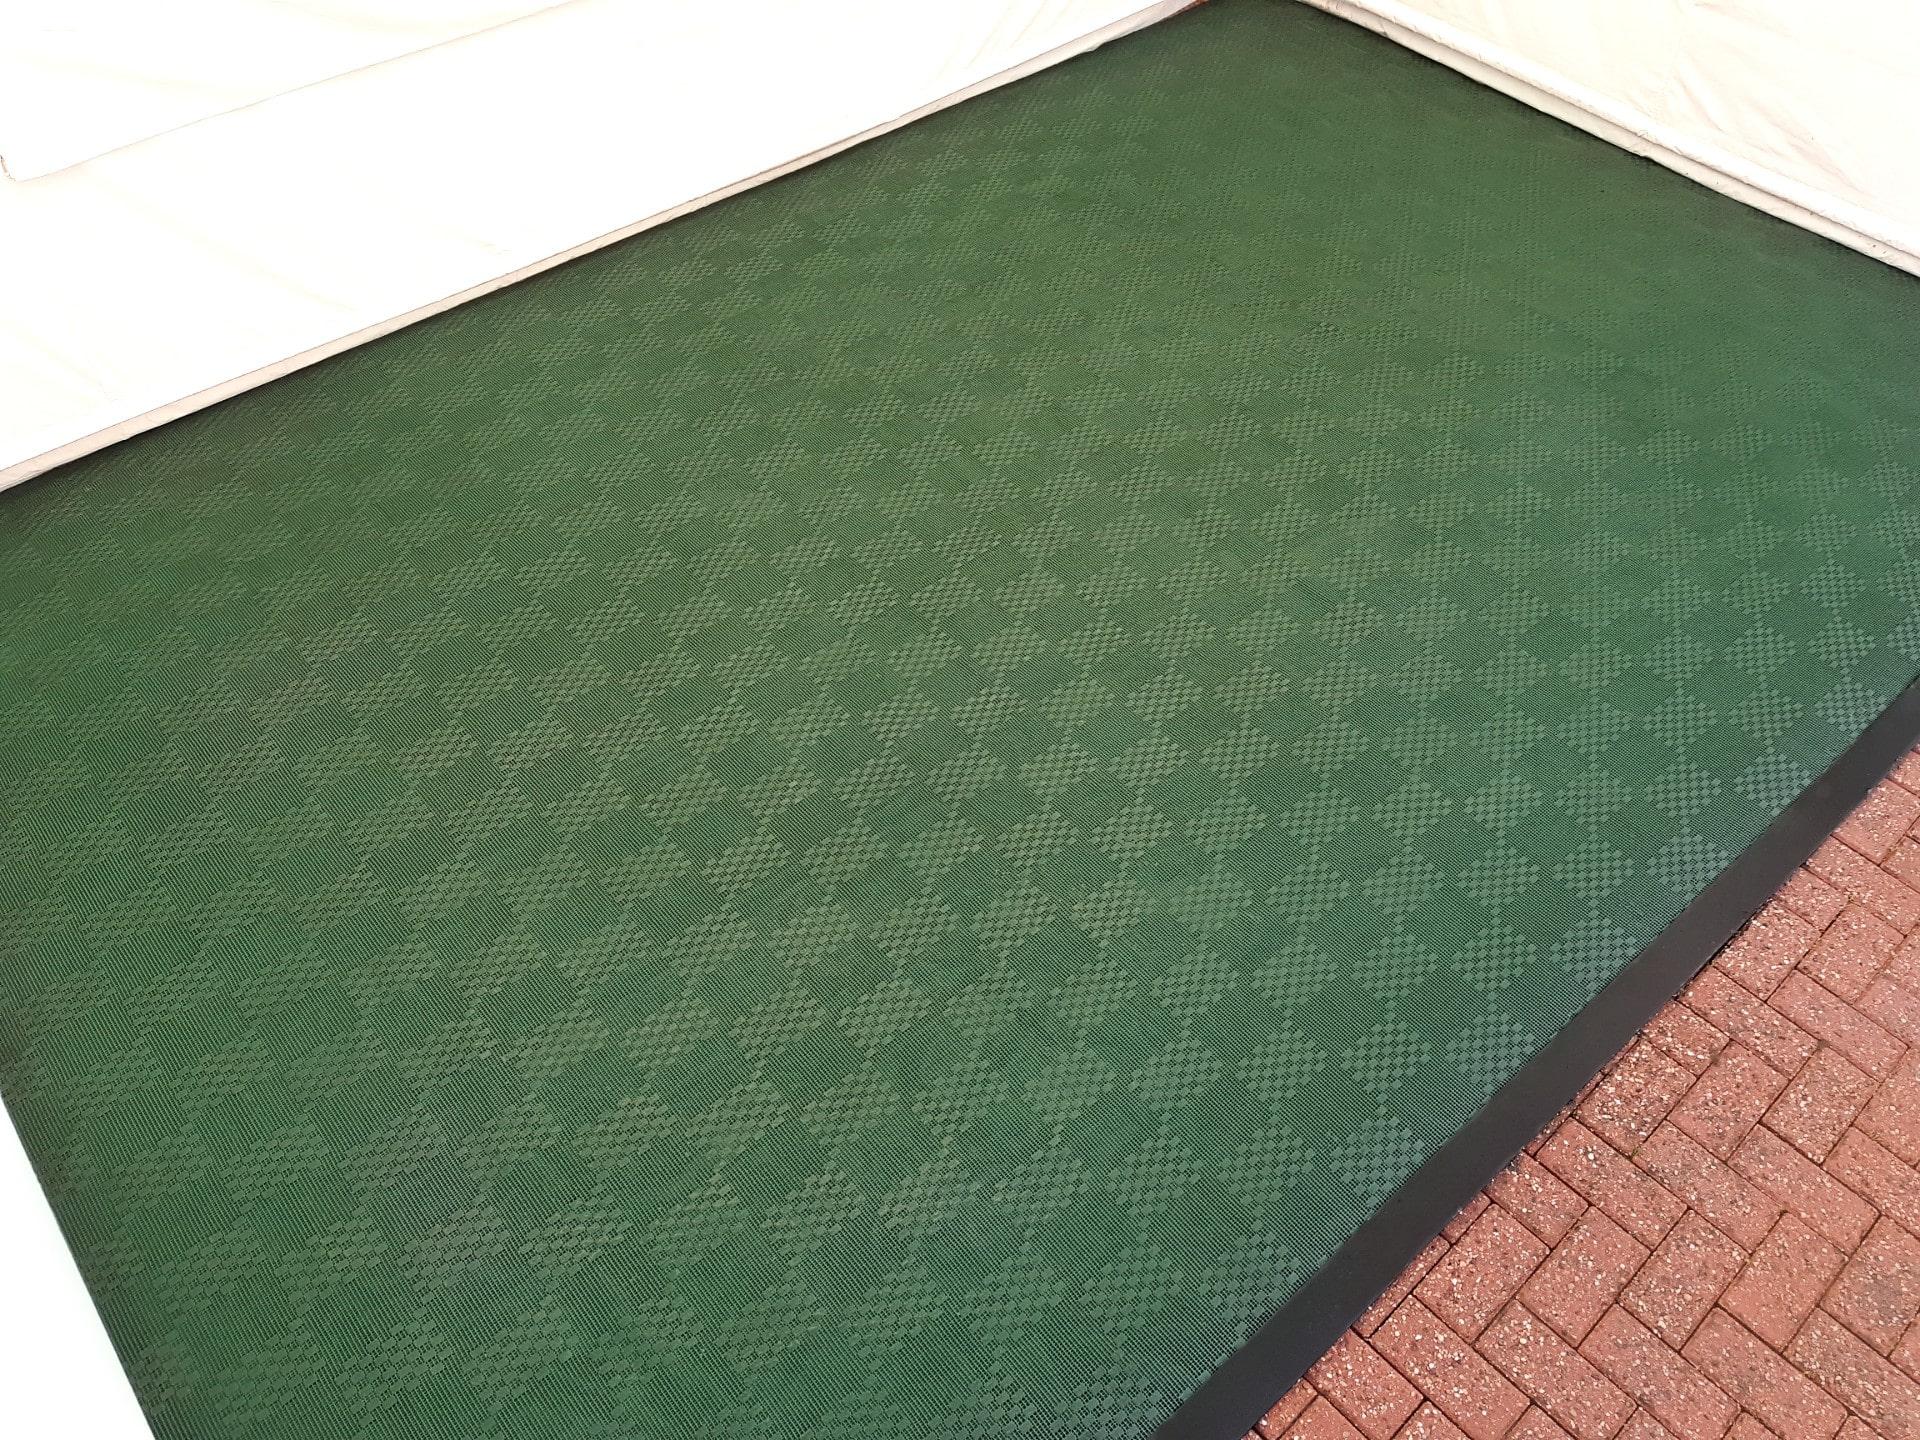 Marquee carpet